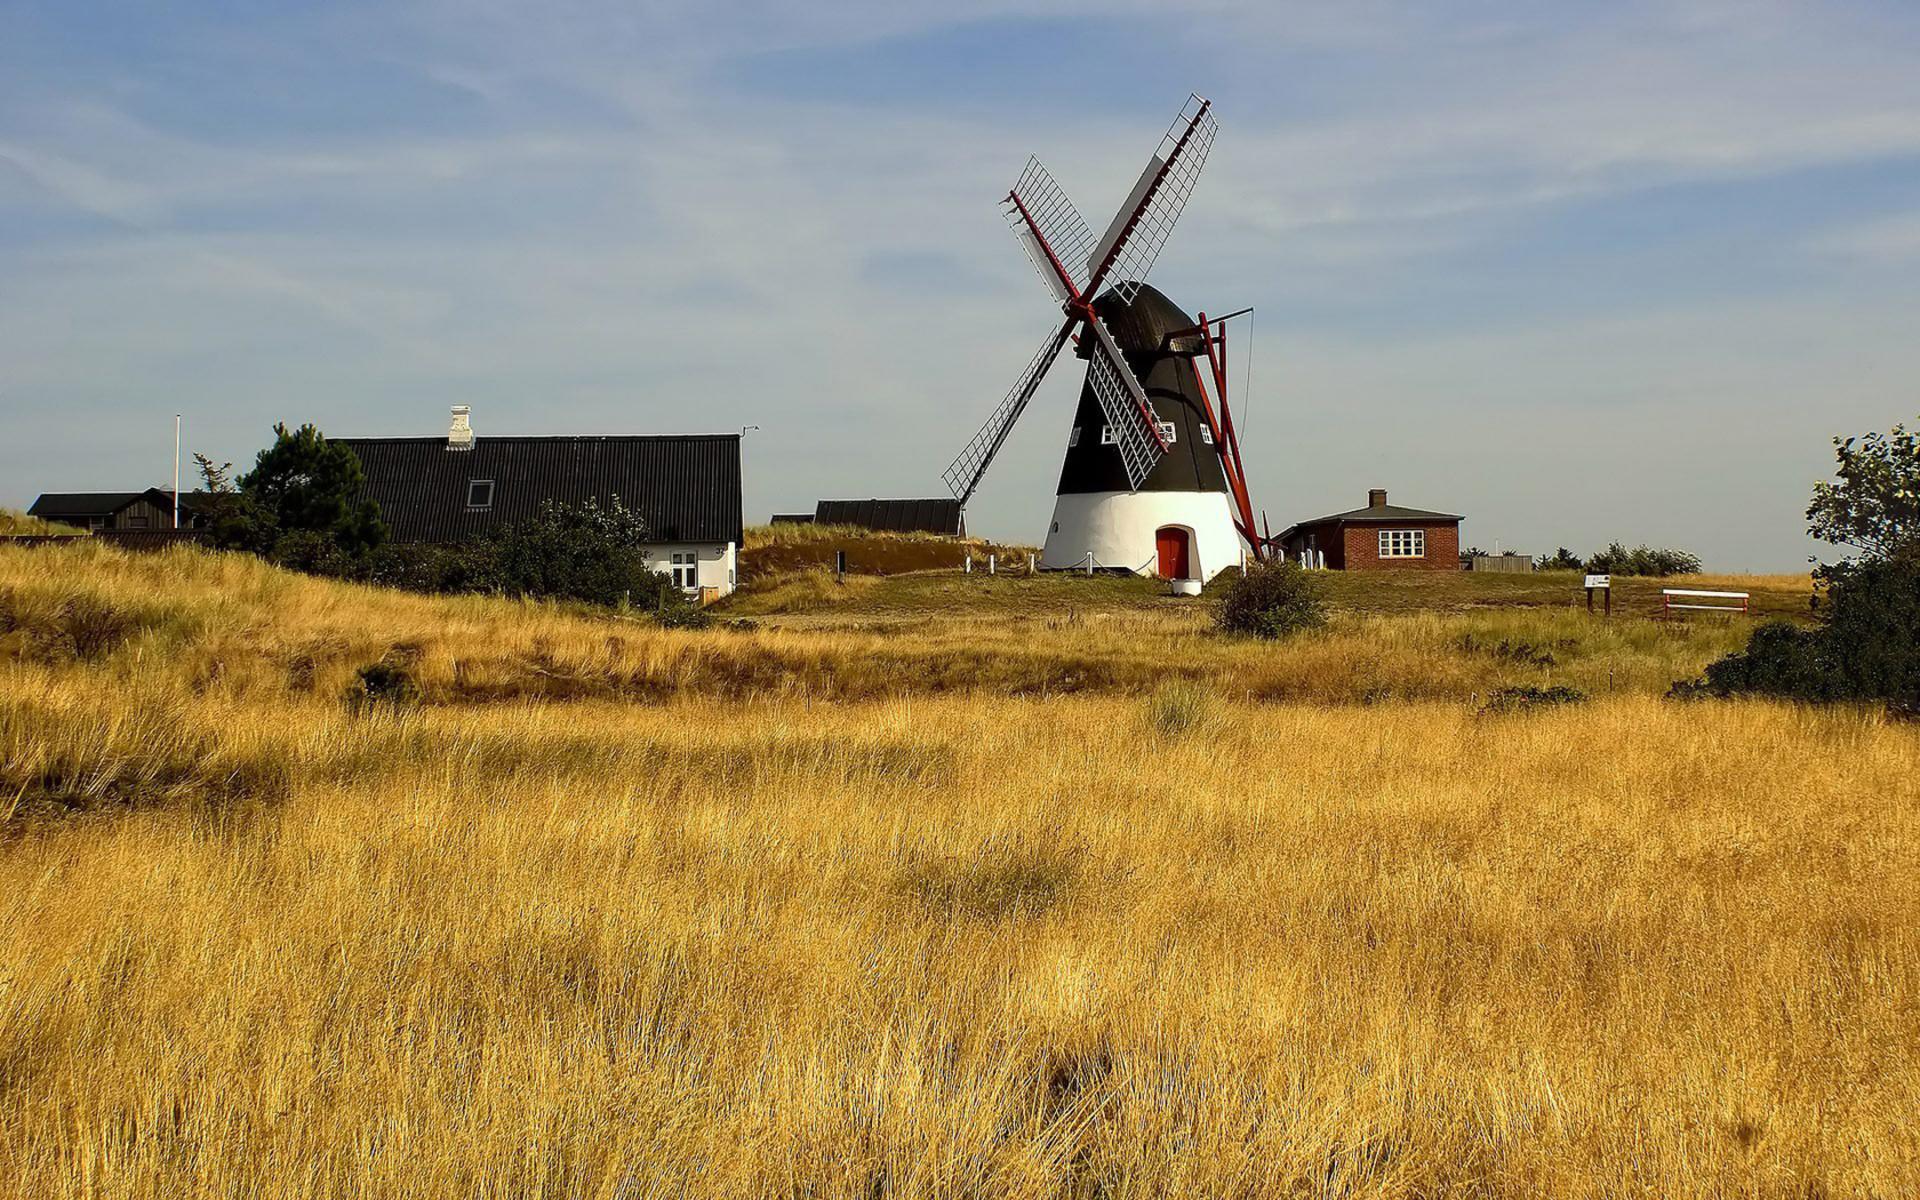 Пейзаж с радугой мельница и корова